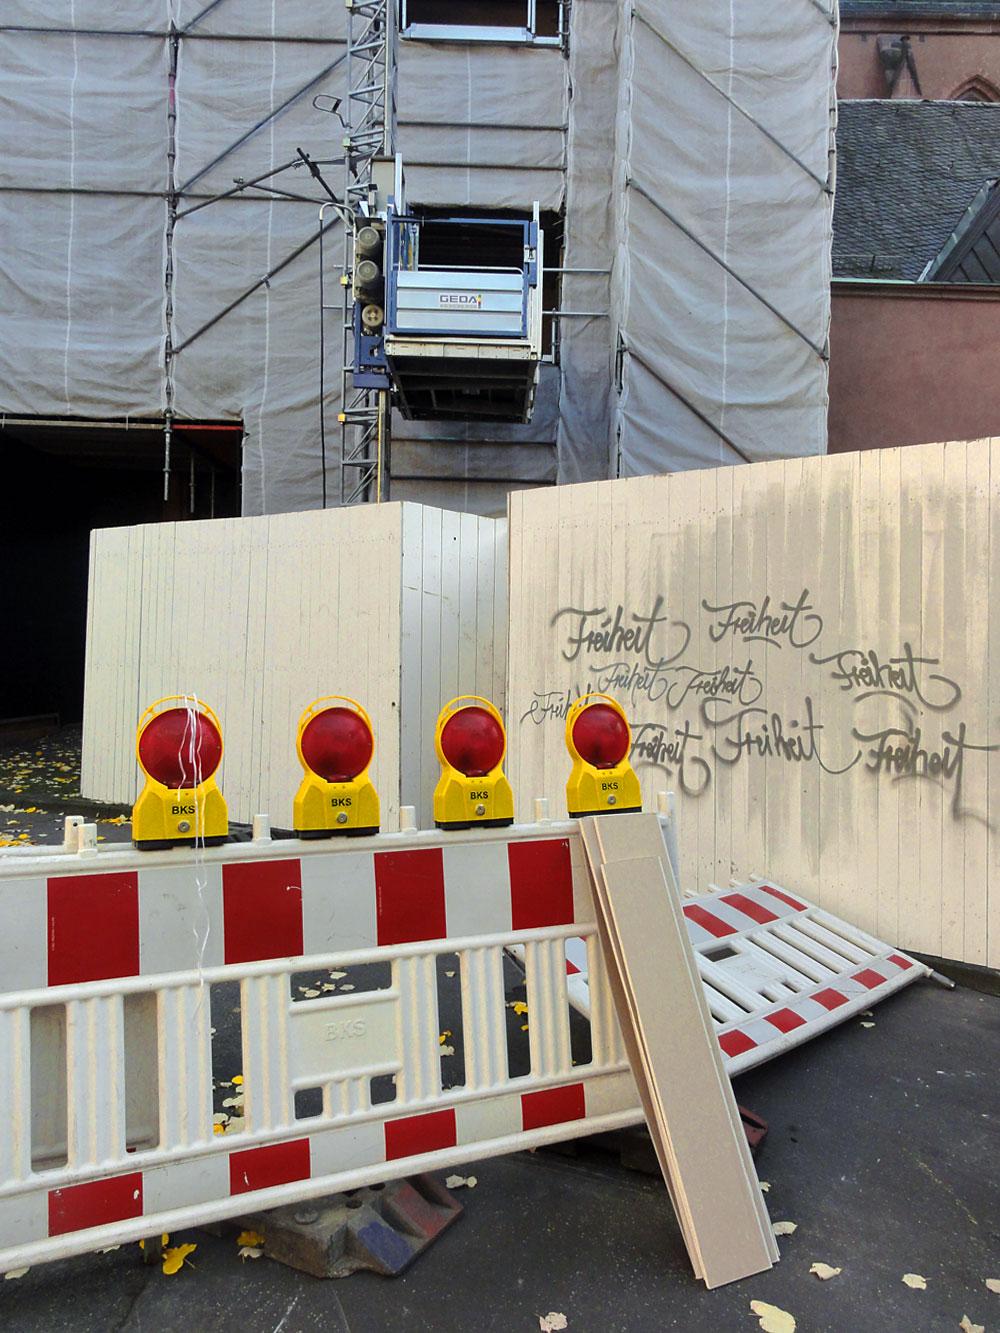 Streetart in Frankfurt: Freiheit eingezäunt und abgesperrt